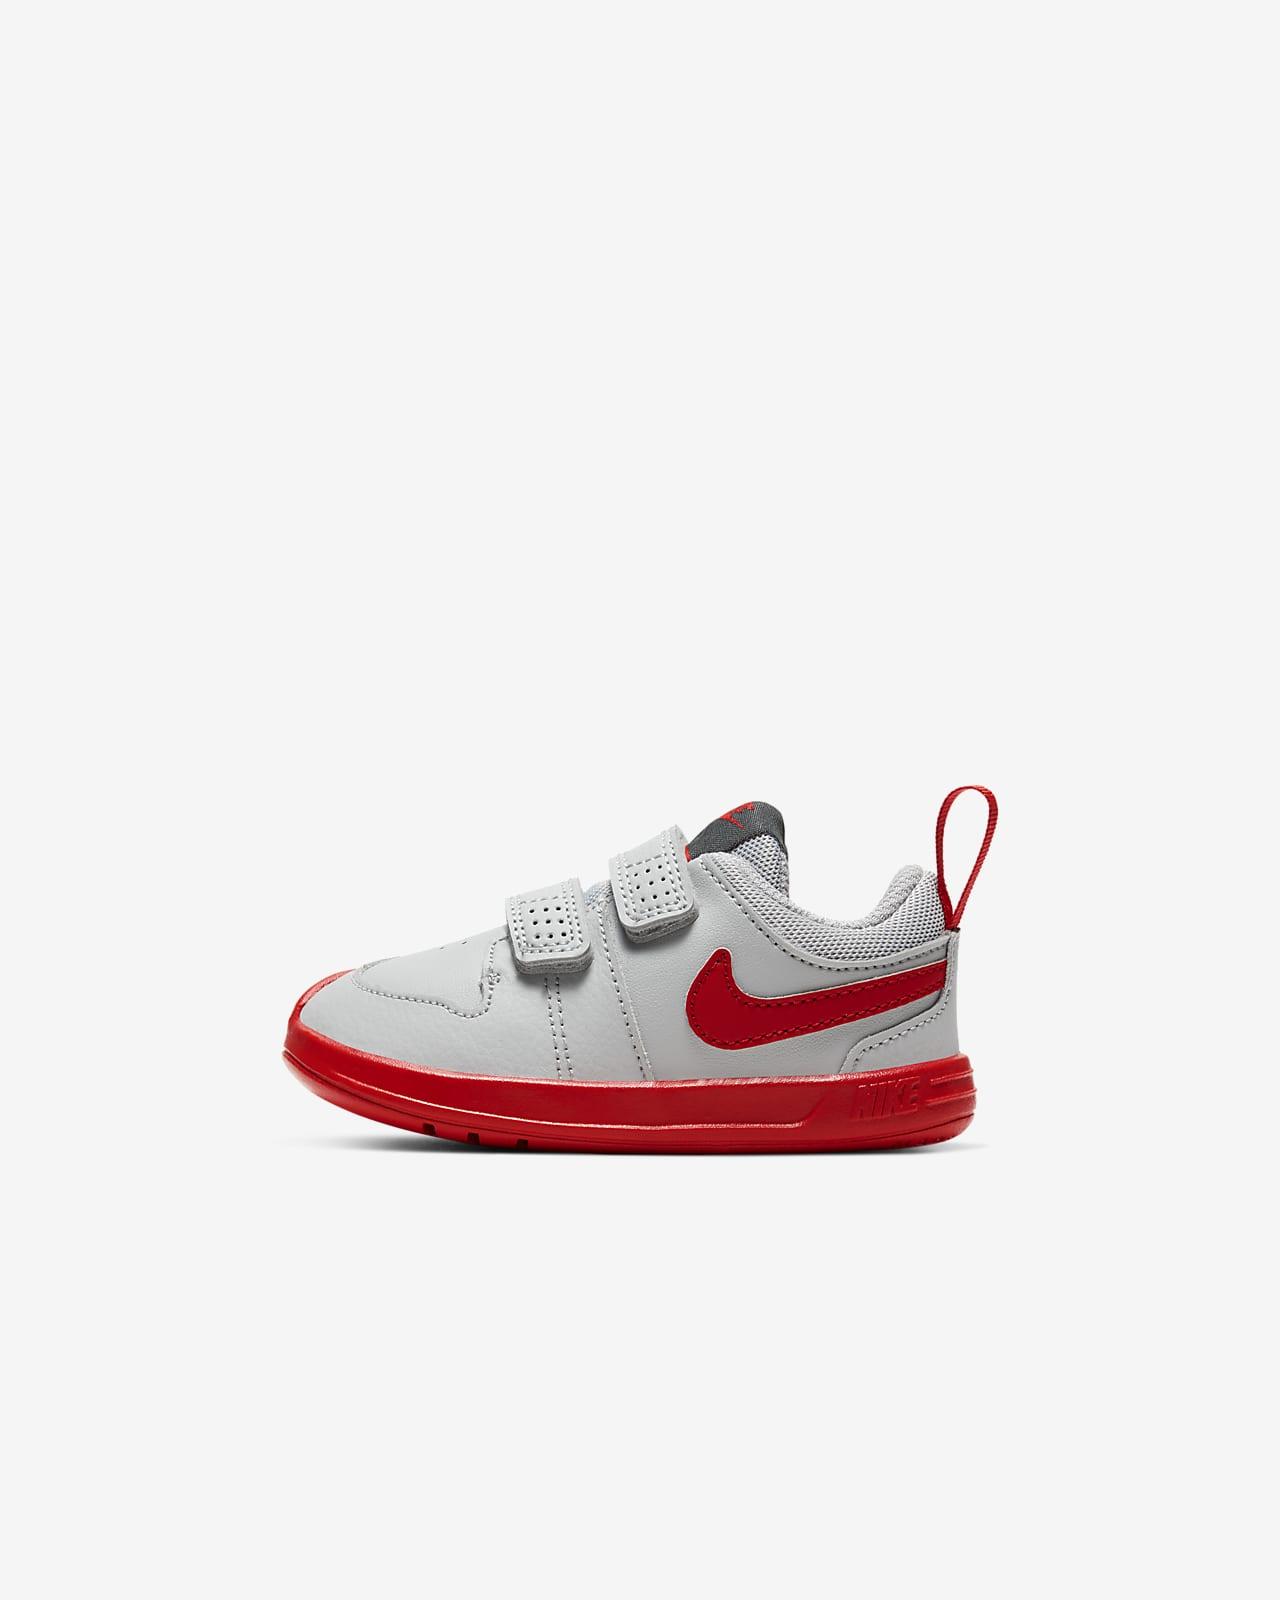 Nike Pico 5 sko til sped-/småbarn